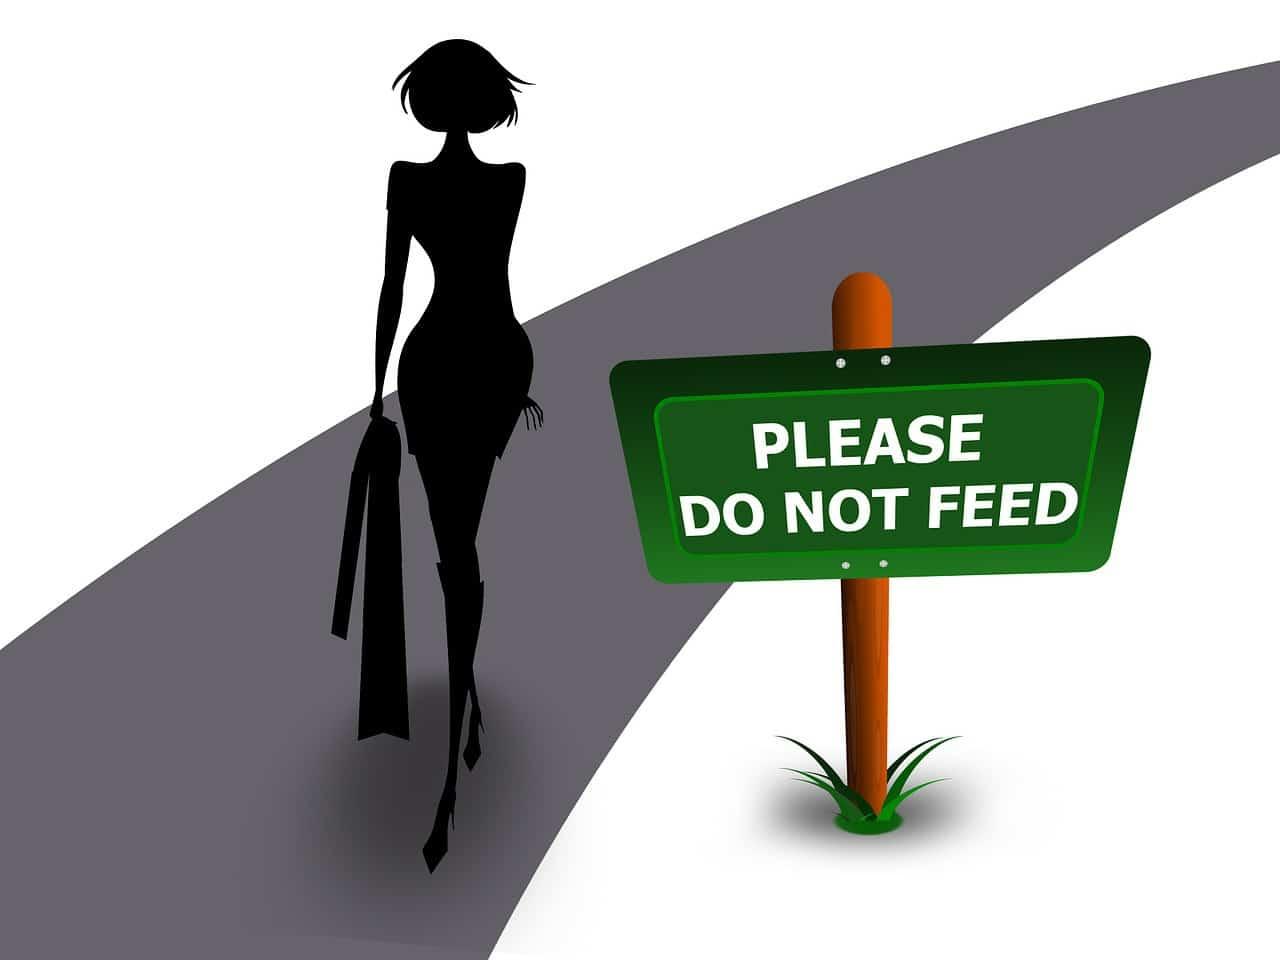 אישה צועדת על מסלול